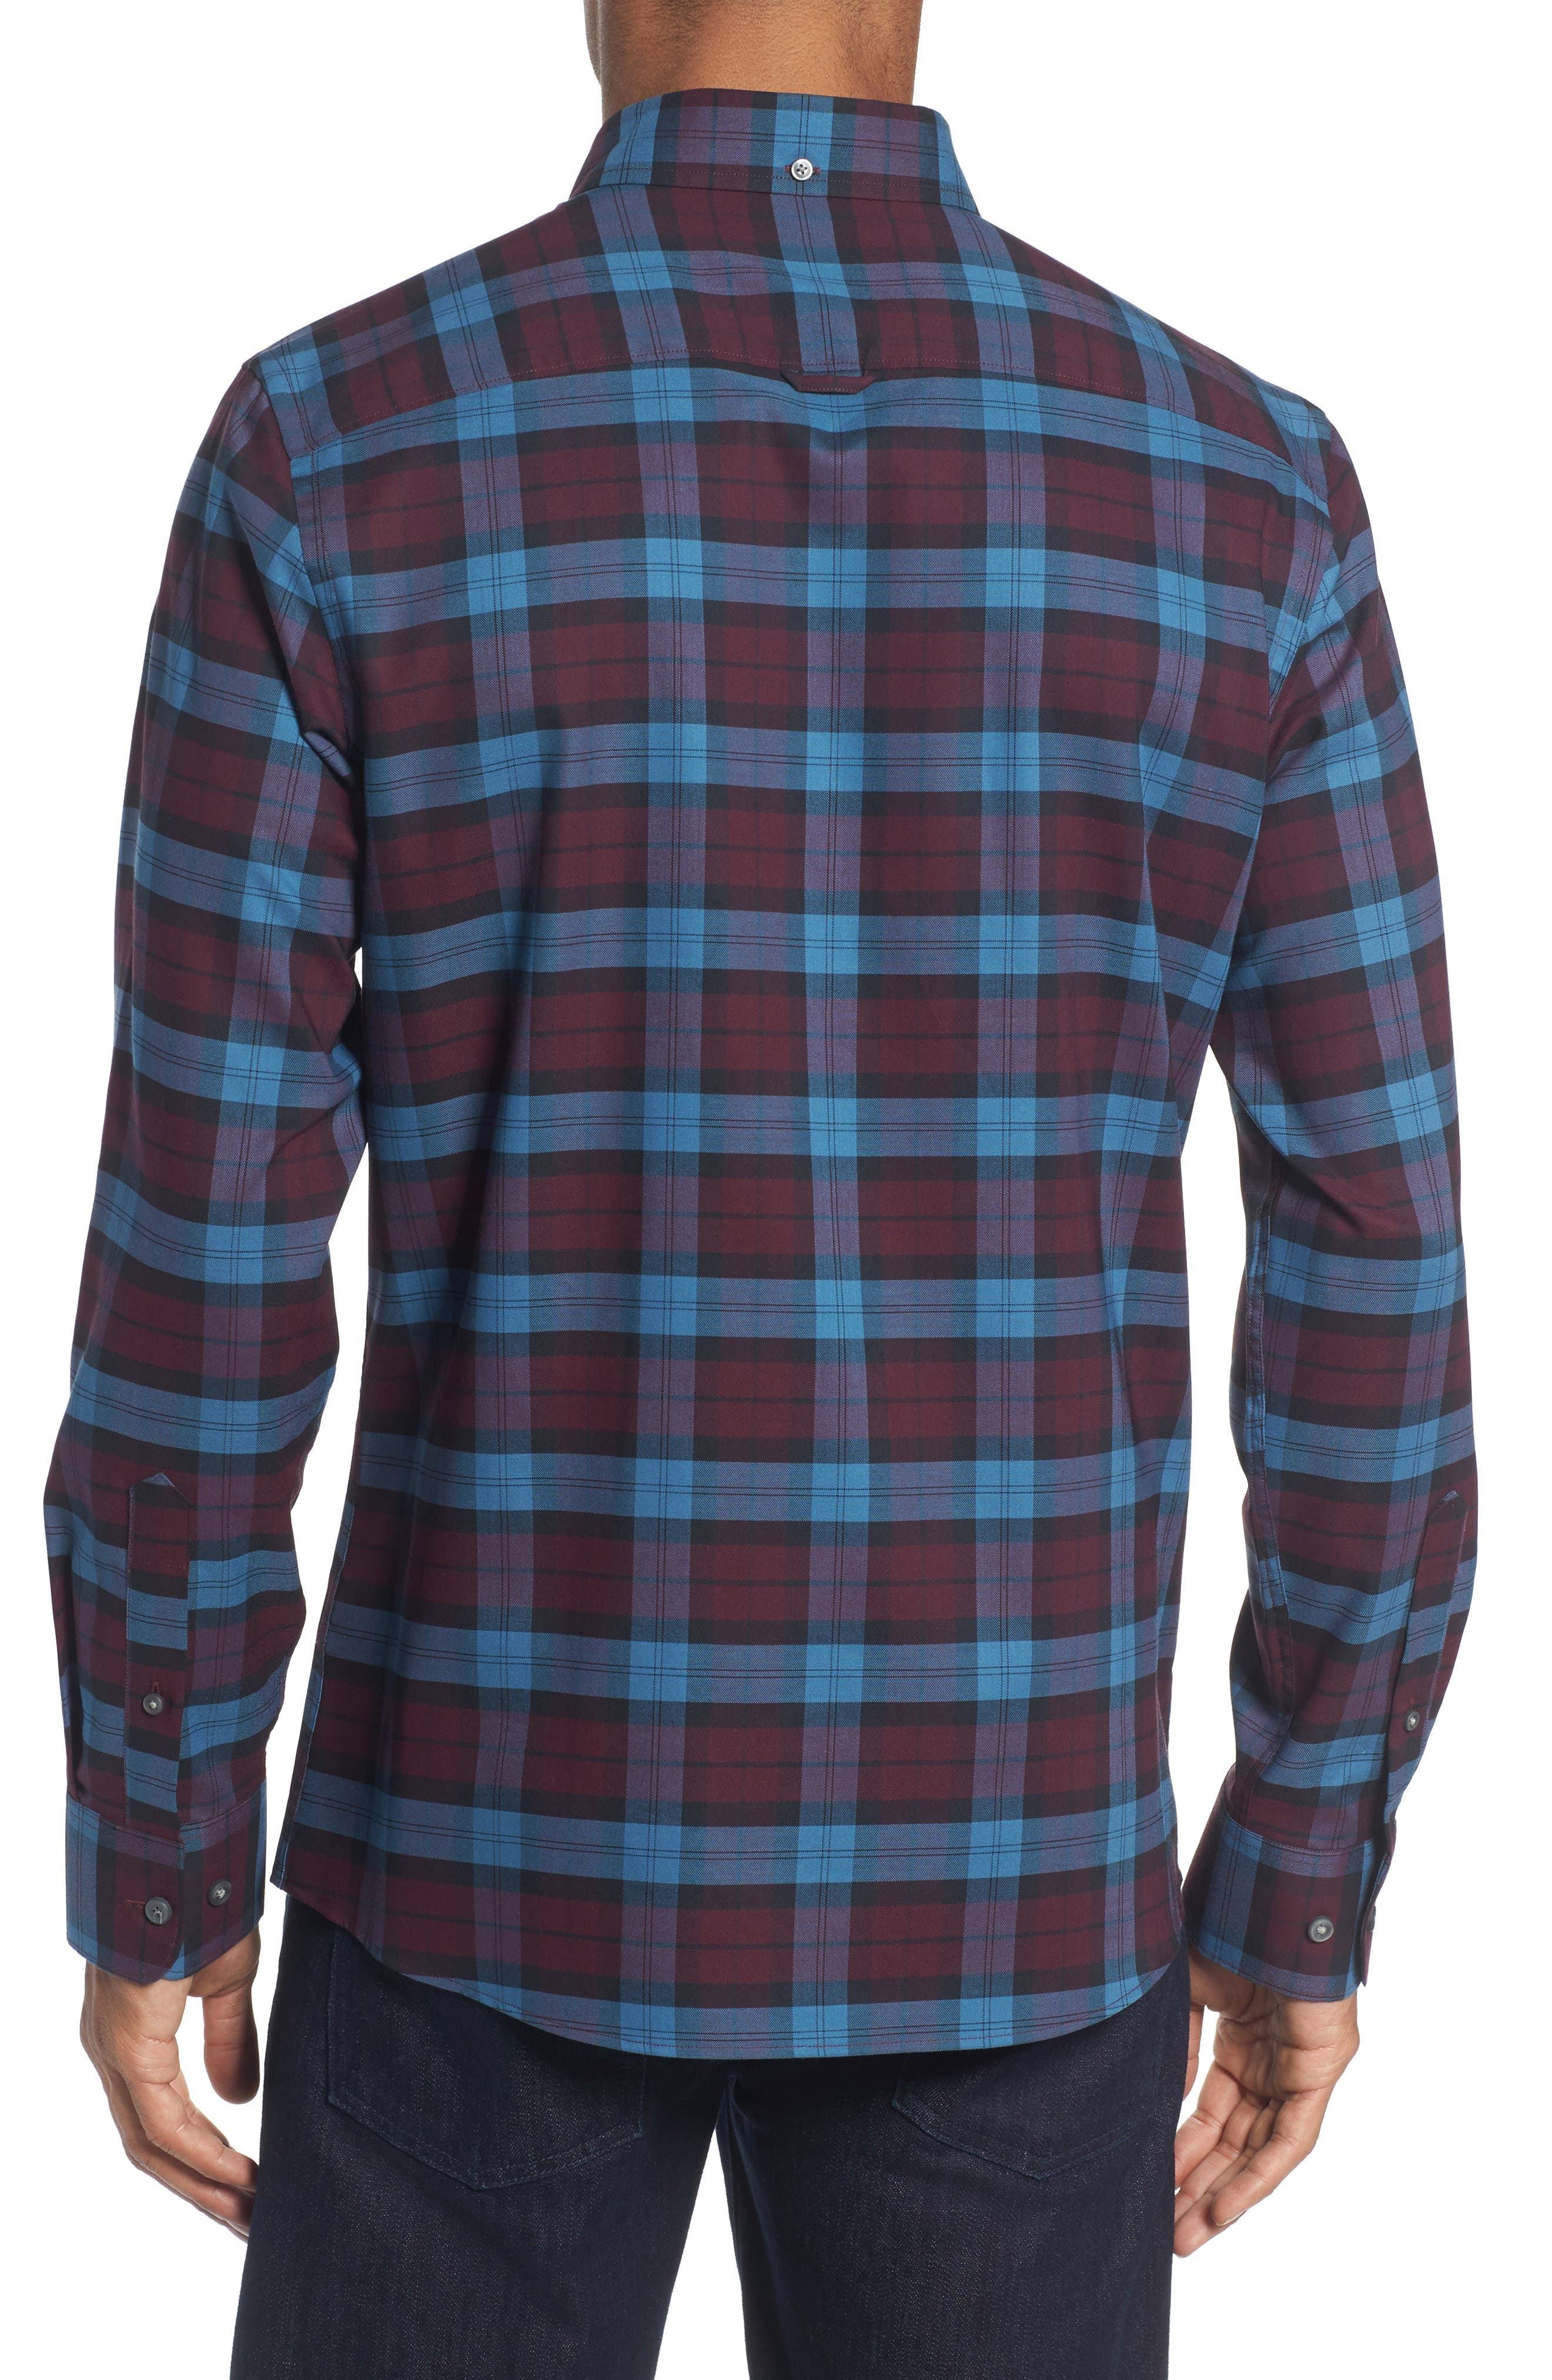 Tech-Smart Slim Fit Plaid Sport Shirt,                             Alternate thumbnail 2, color,                             638